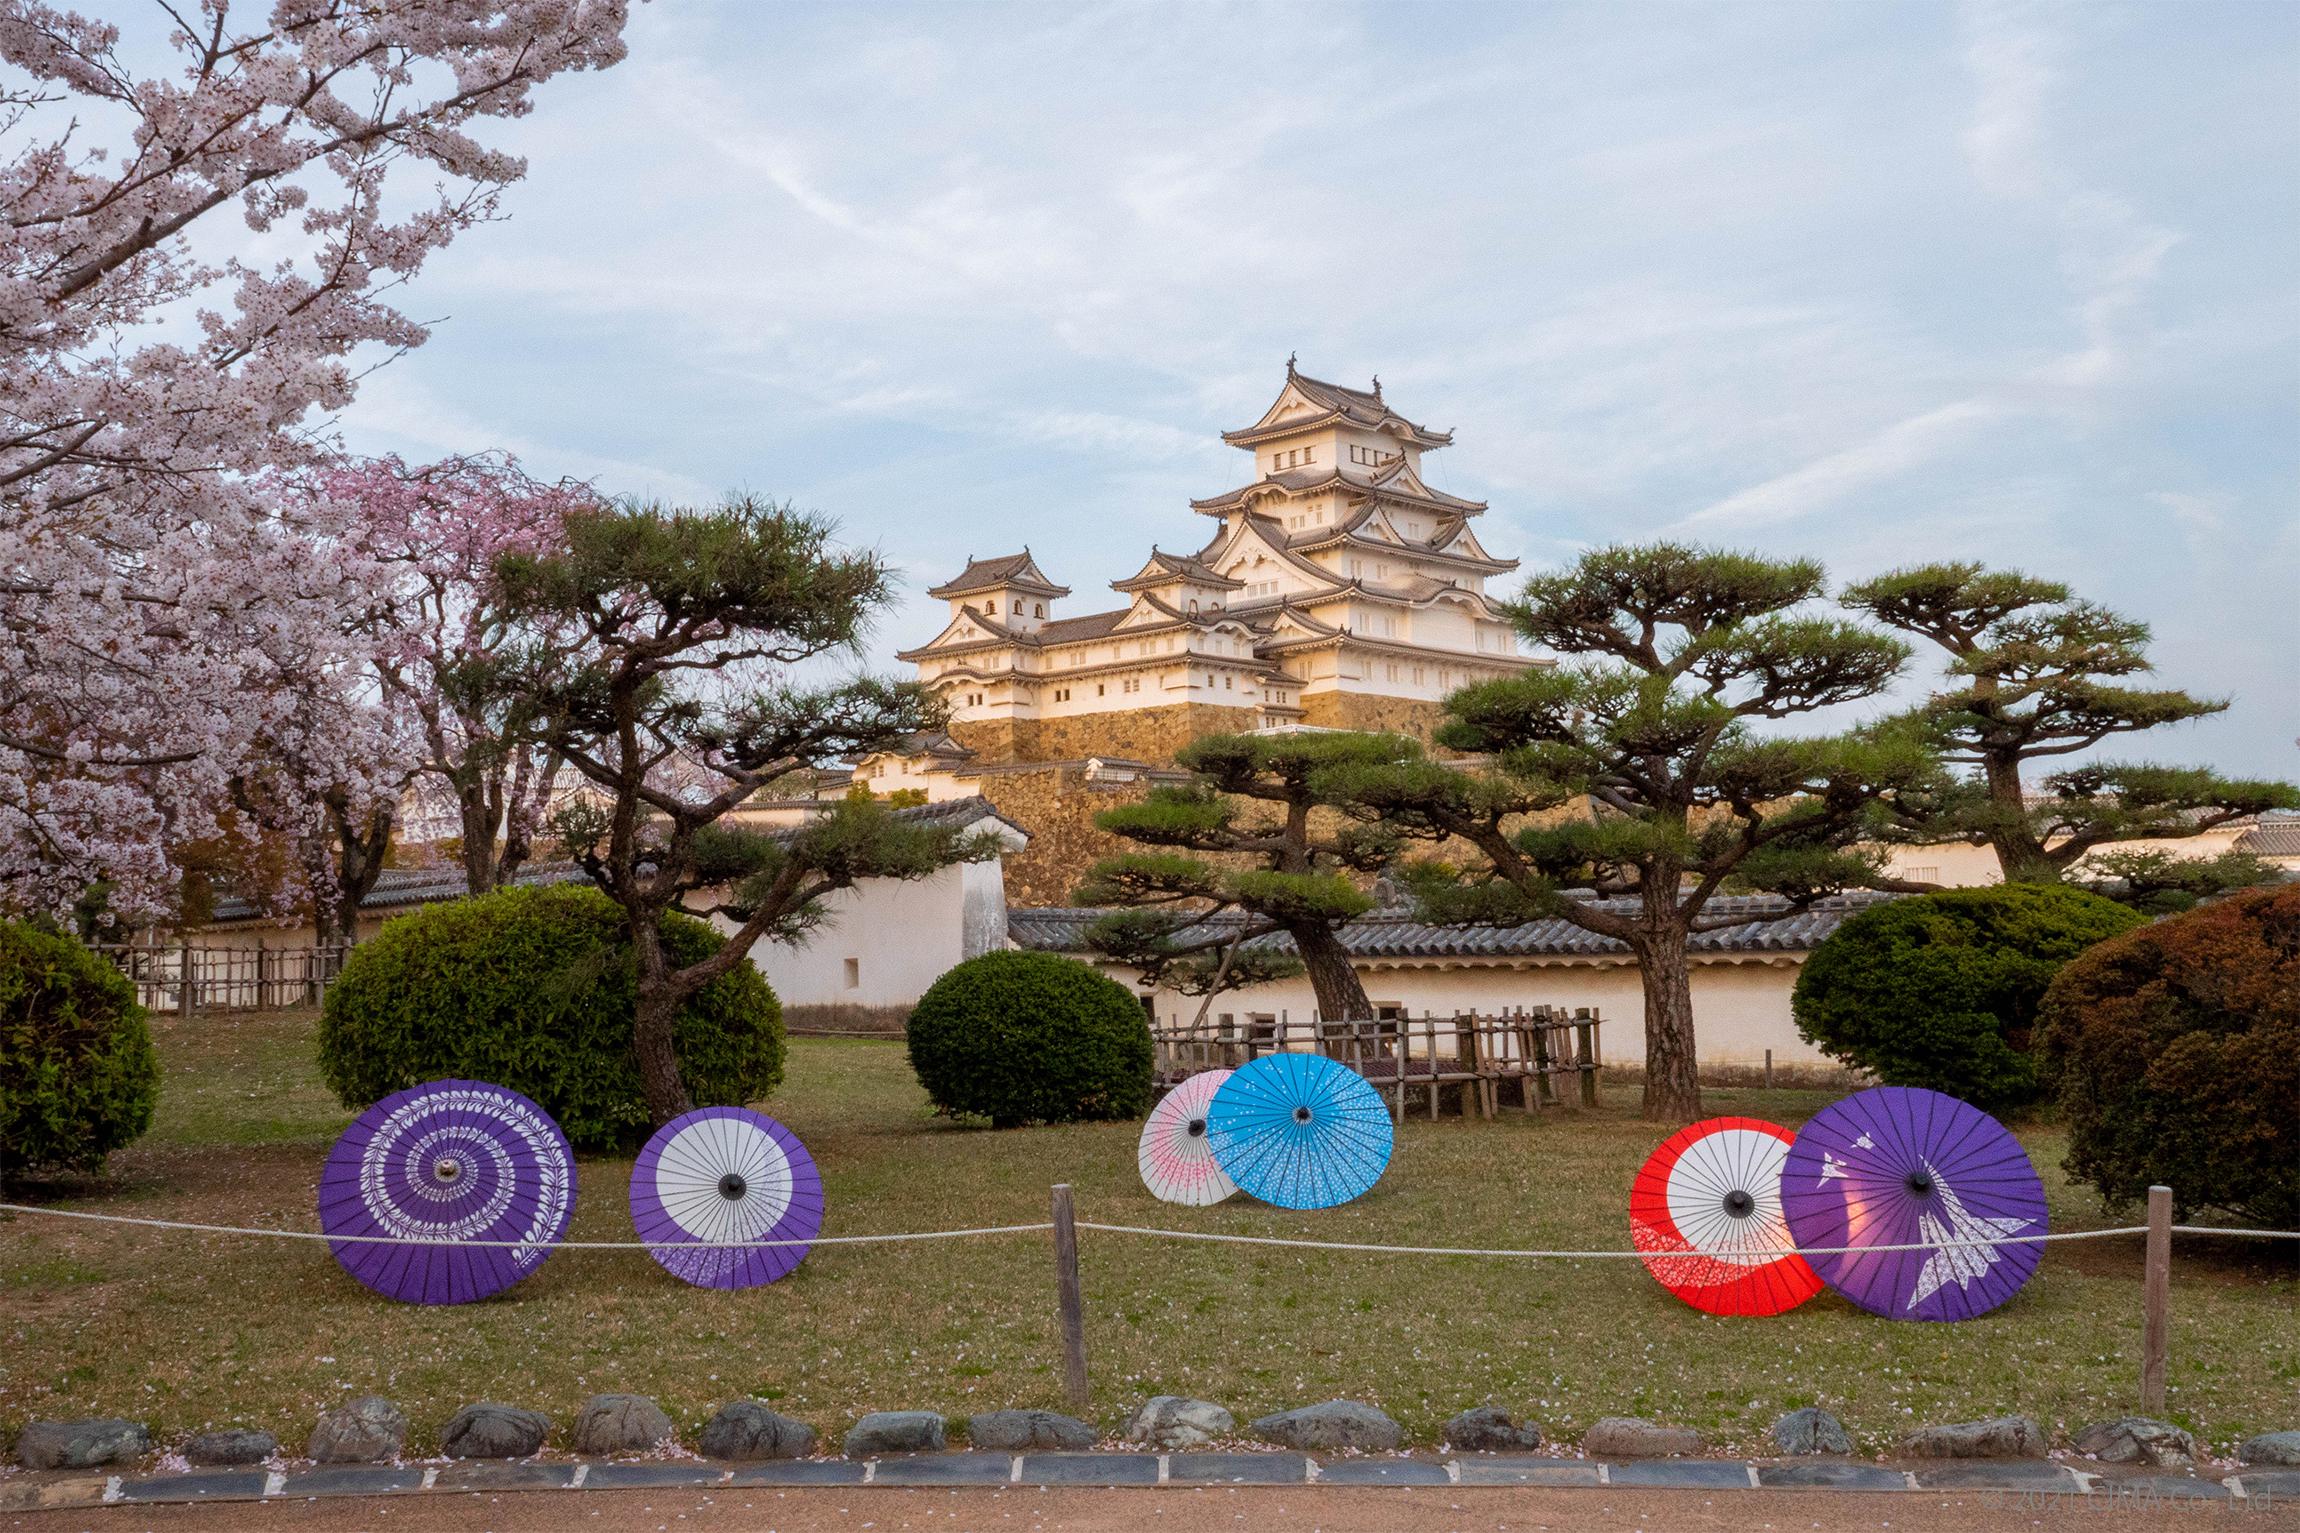 姫路城,西の丸,演出照明